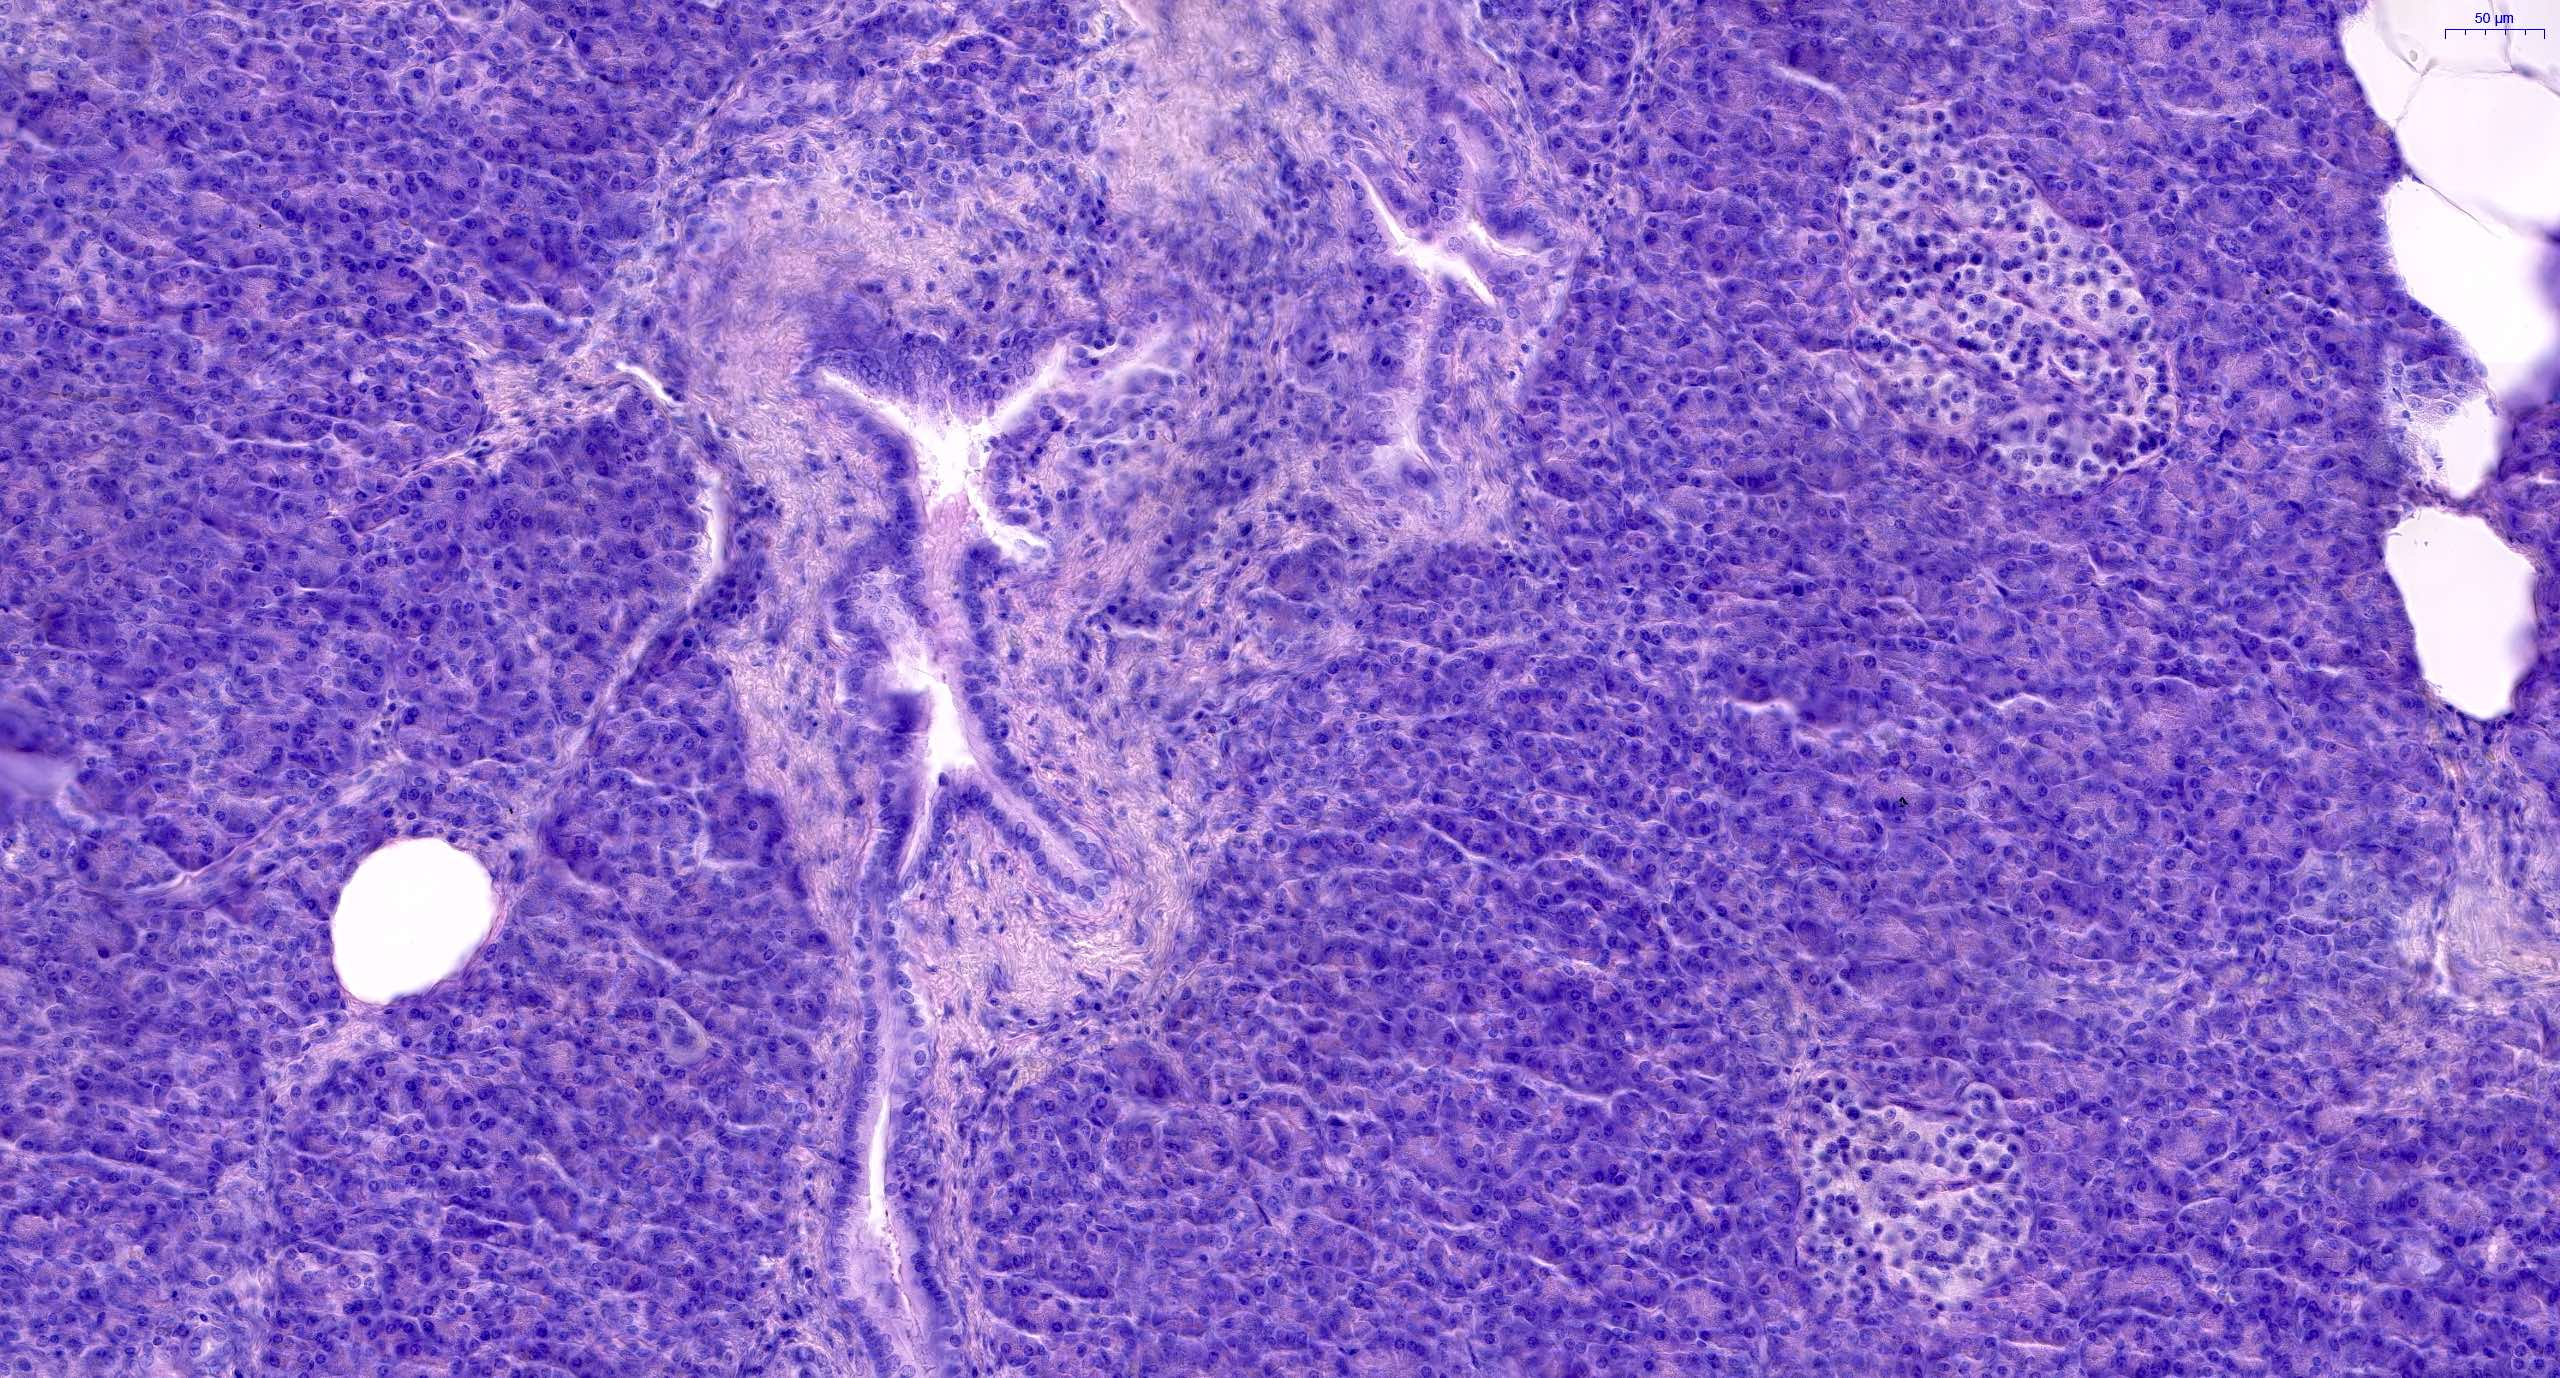 Normal pancreas histology